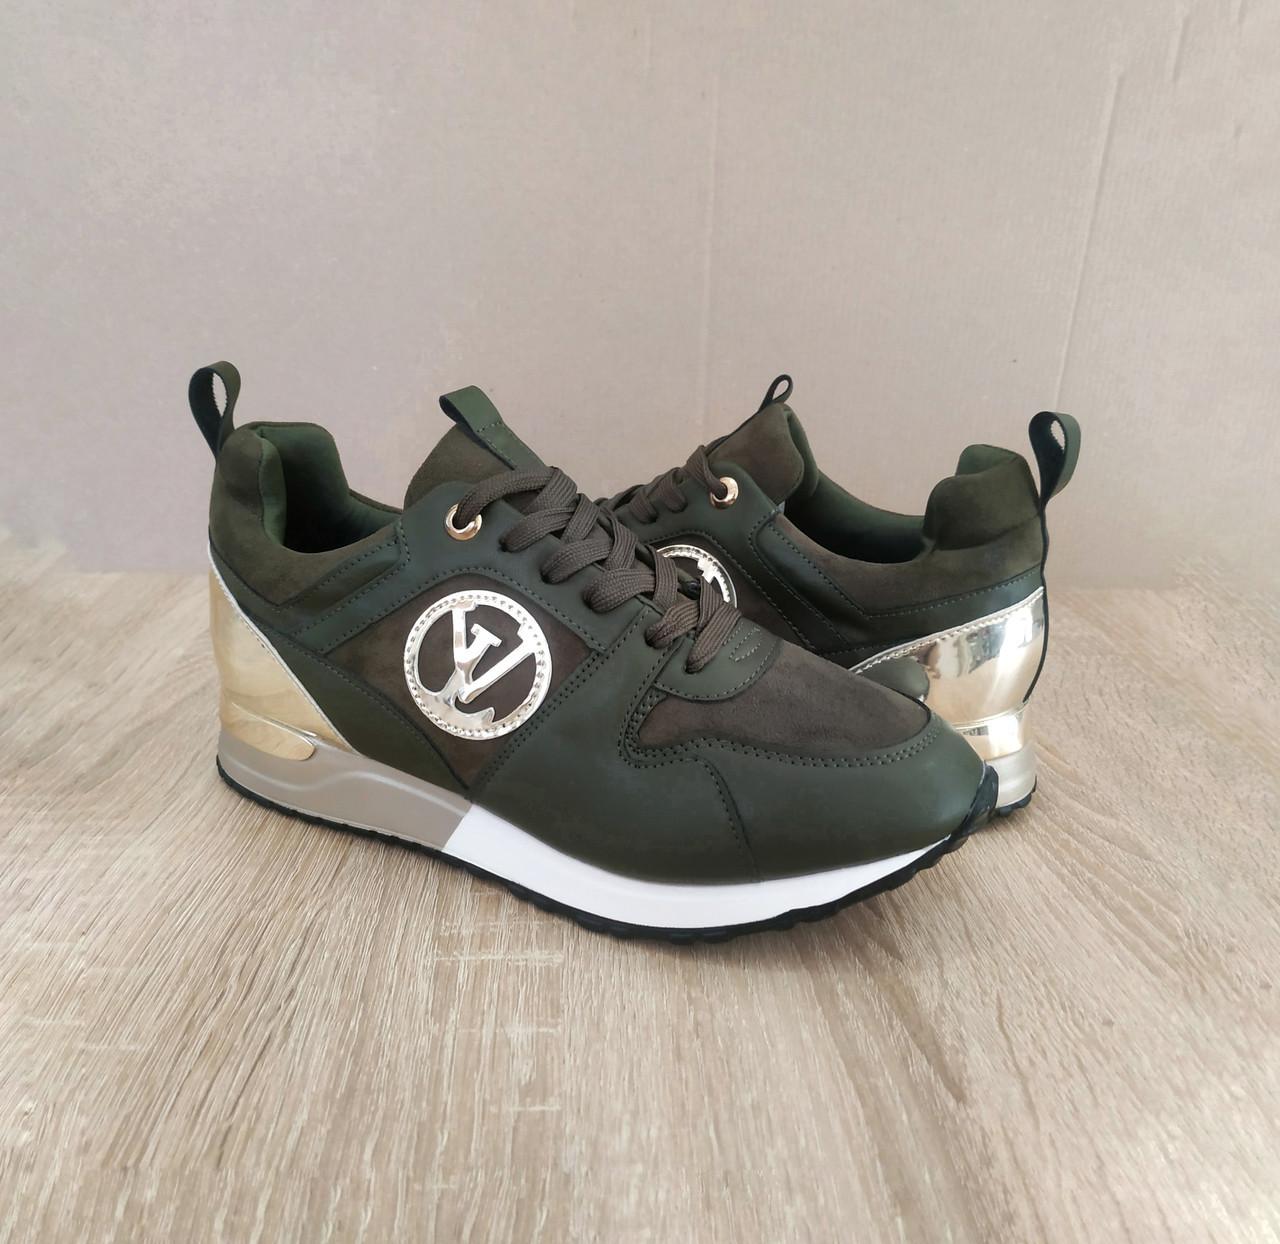 Кросівки Louis Vuitton Run Away зелені хакі еко шкіра, замша еко Луї Віттон (КОПІЯ)